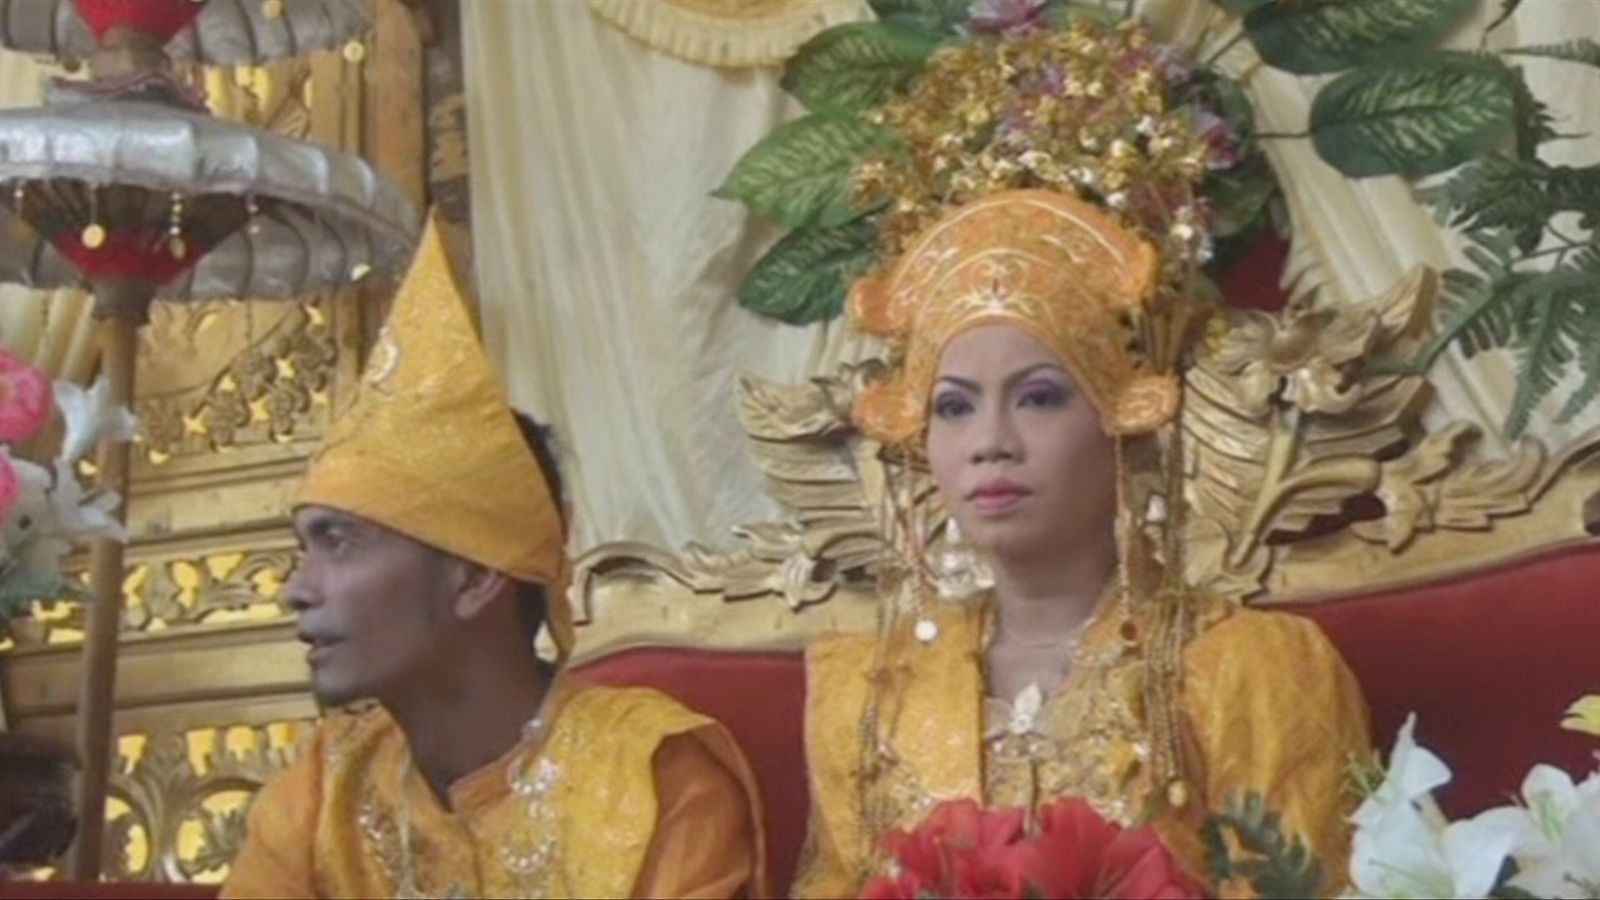 Casament i celebració sobre elefants a Indonèsia